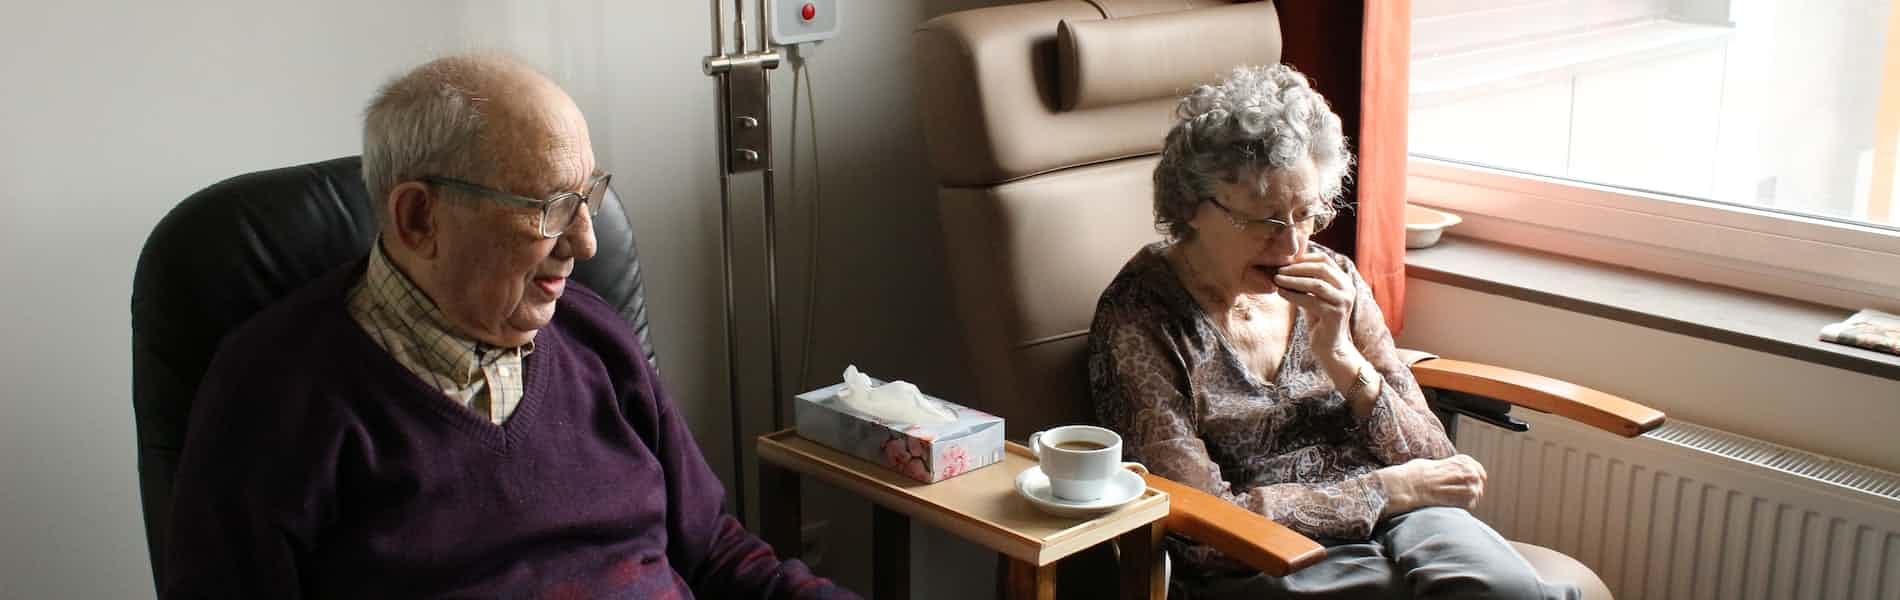 טיפול רגשי במבוגרים וקשישים בהסגר/בידוד חברתי